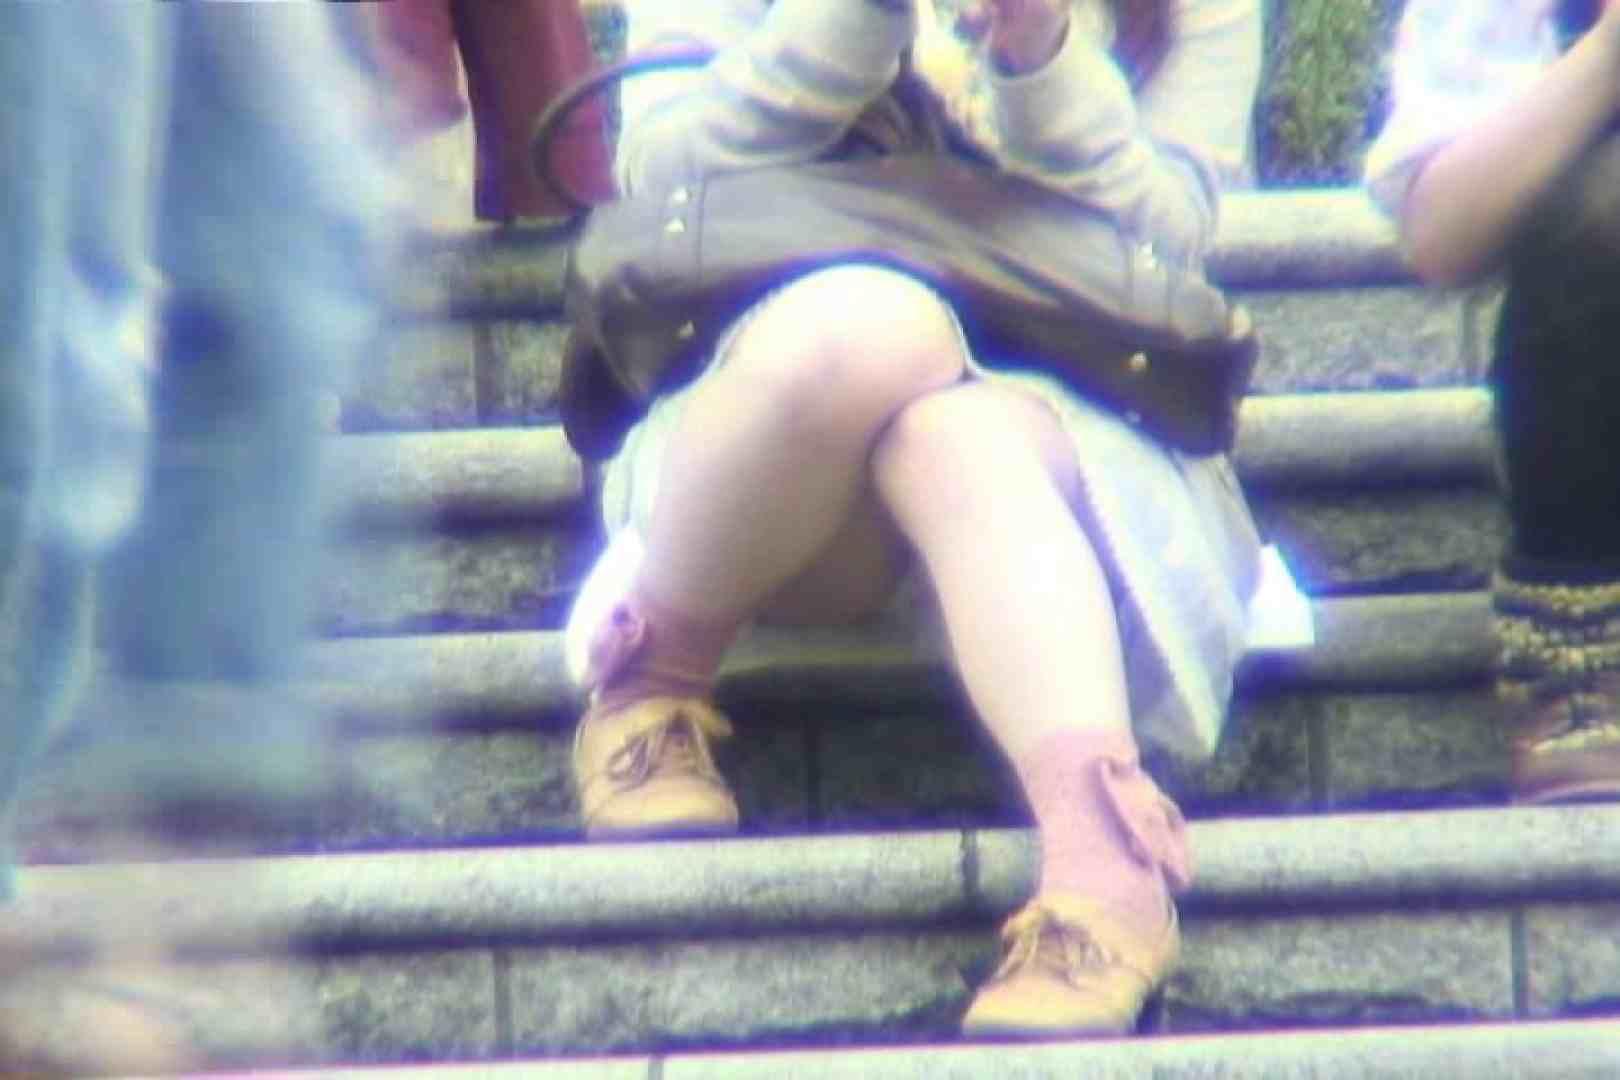 超最新版!春夏秋冬 vol.04 OLのエロ生活 われめAV動画紹介 87連発 79